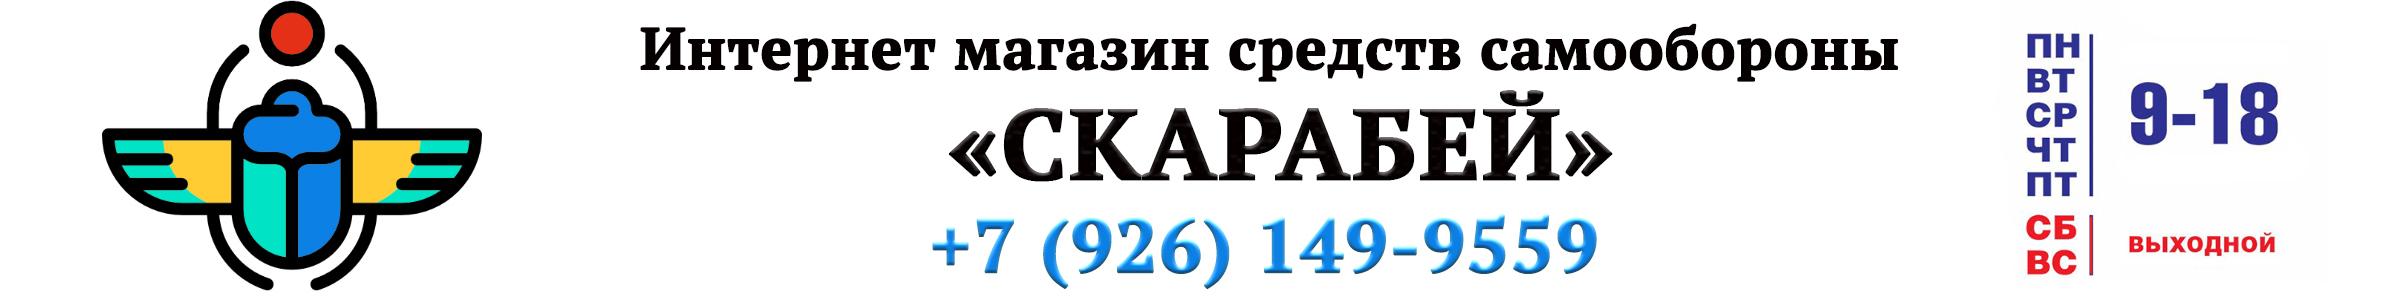 Интерент магазин средств самообороны Скарабей